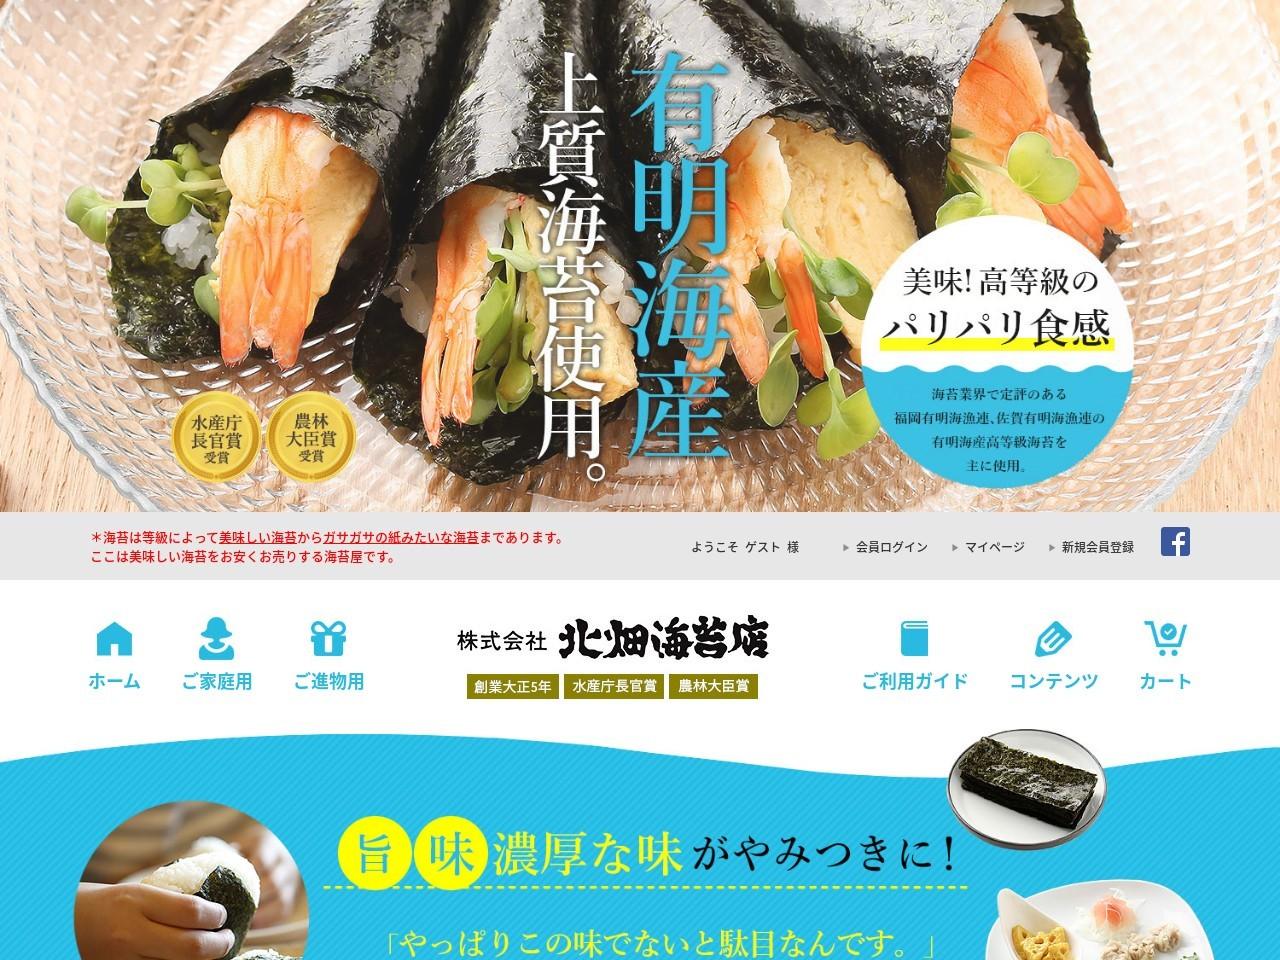 【公式】味付け海苔や焼き海苔などおいしい海苔の通販 北畑海苔店